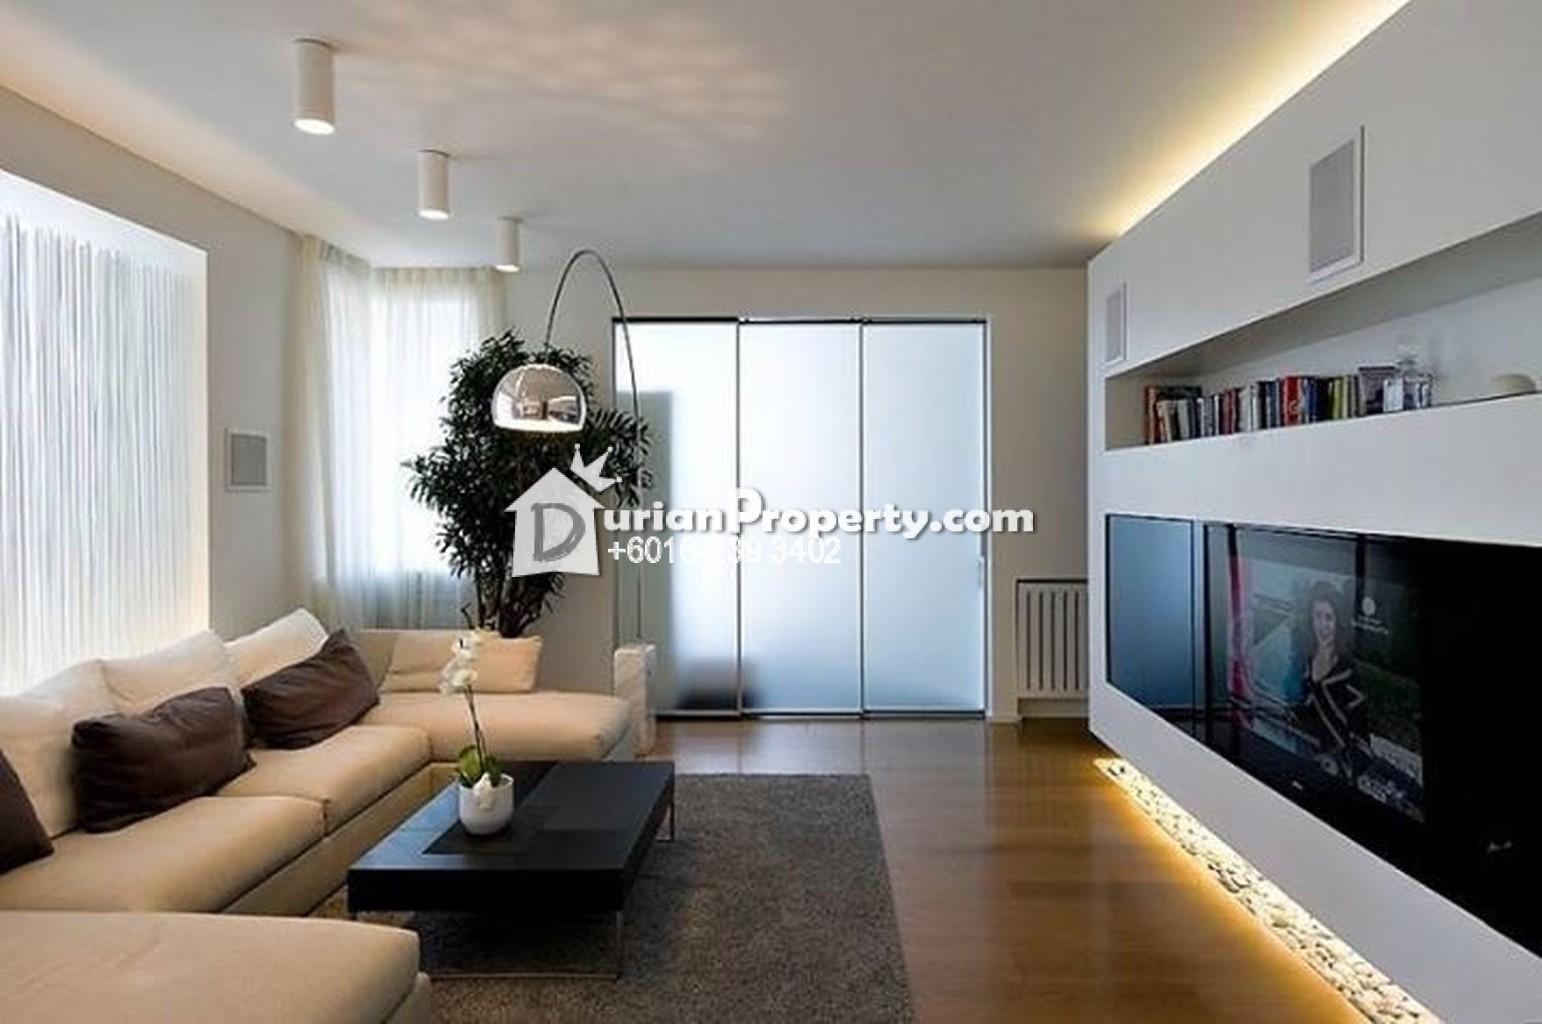 Современный дизайн квартиры своими руками фото